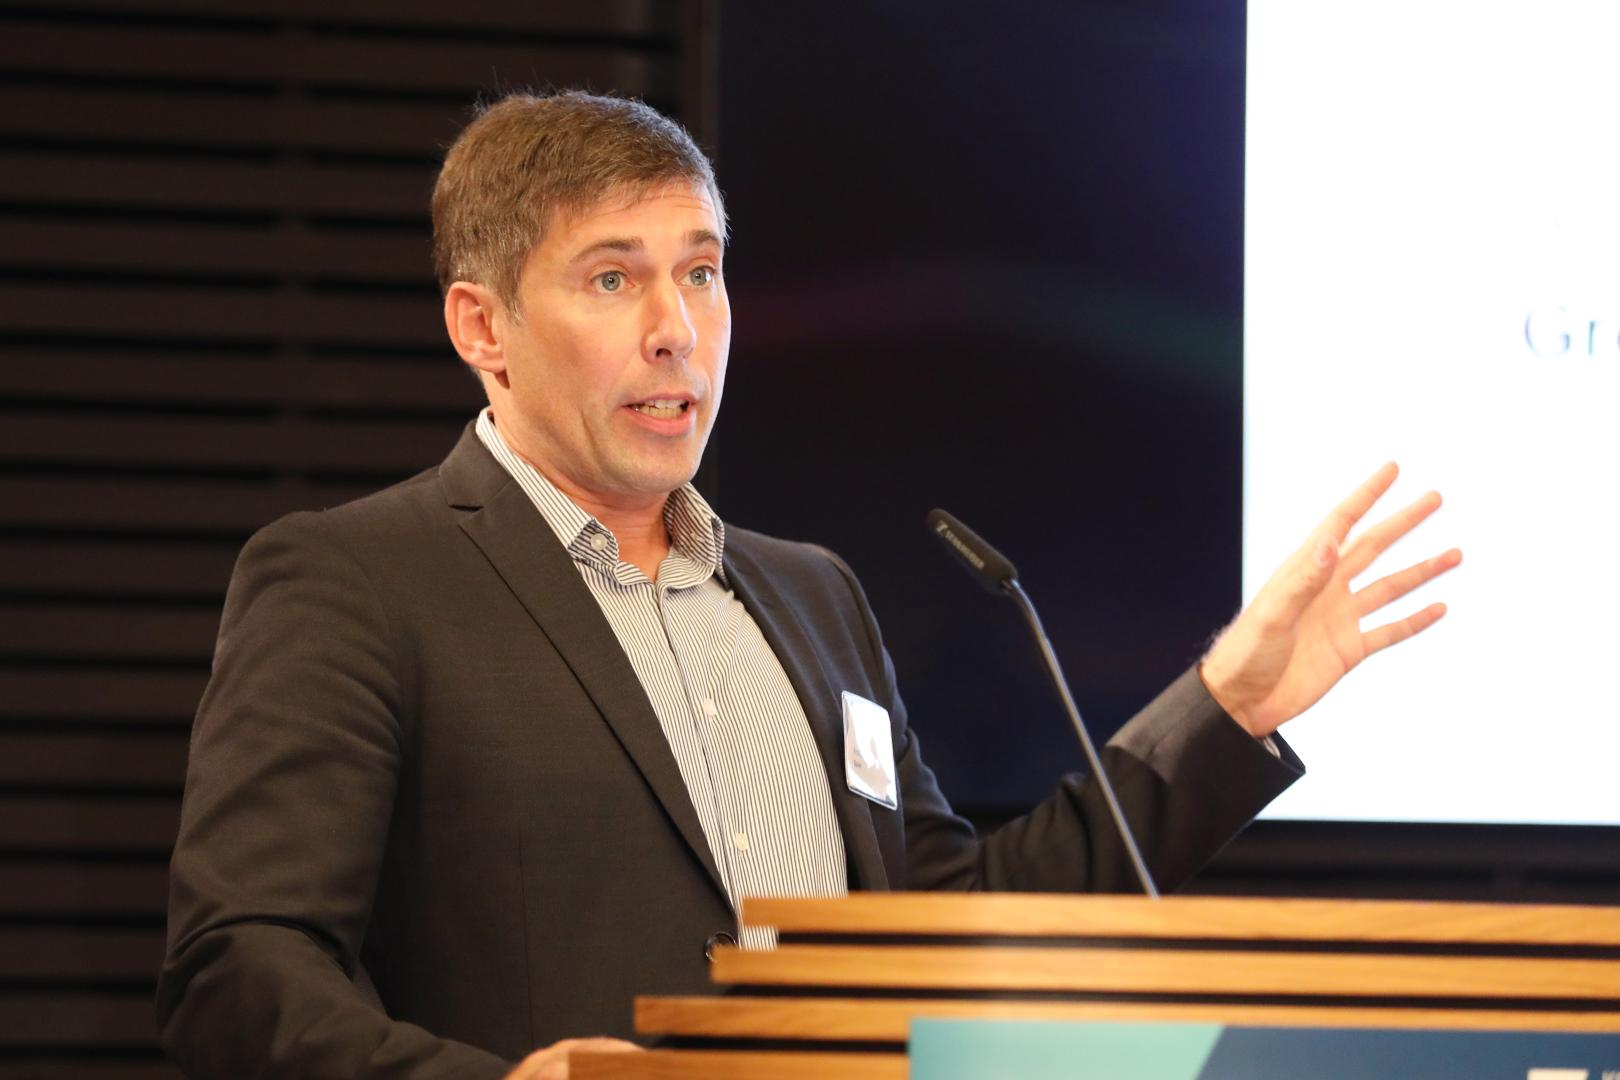 Dr Beier Kamen